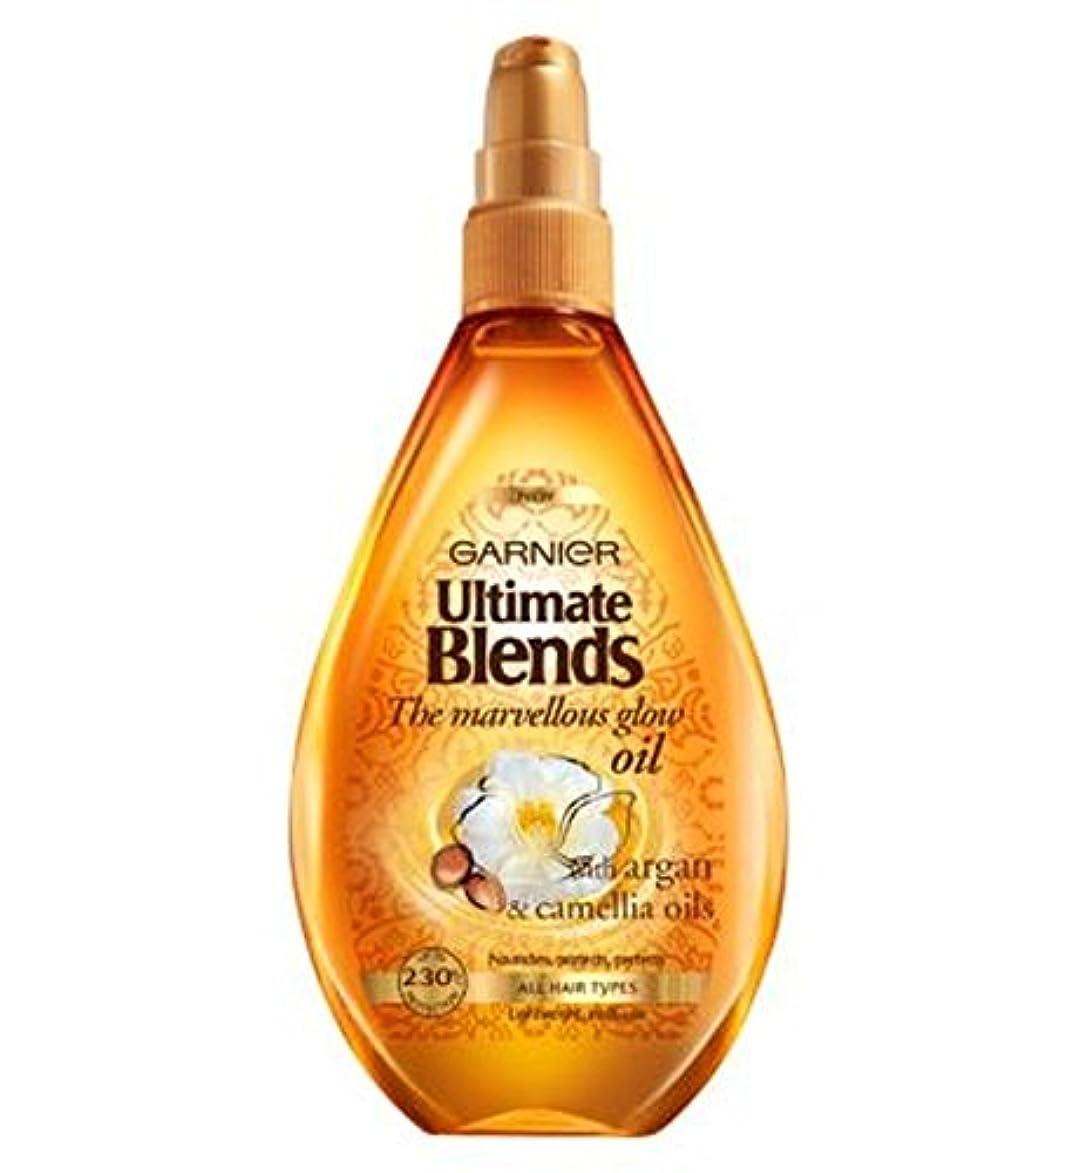 マウントバンク実際のタワーGarnier Ultimate Blends Marvellous Glow Oil 150ml - ガルニエ究極は素晴らしいグローオイル150ミリリットルをブレンド (Garnier) [並行輸入品]